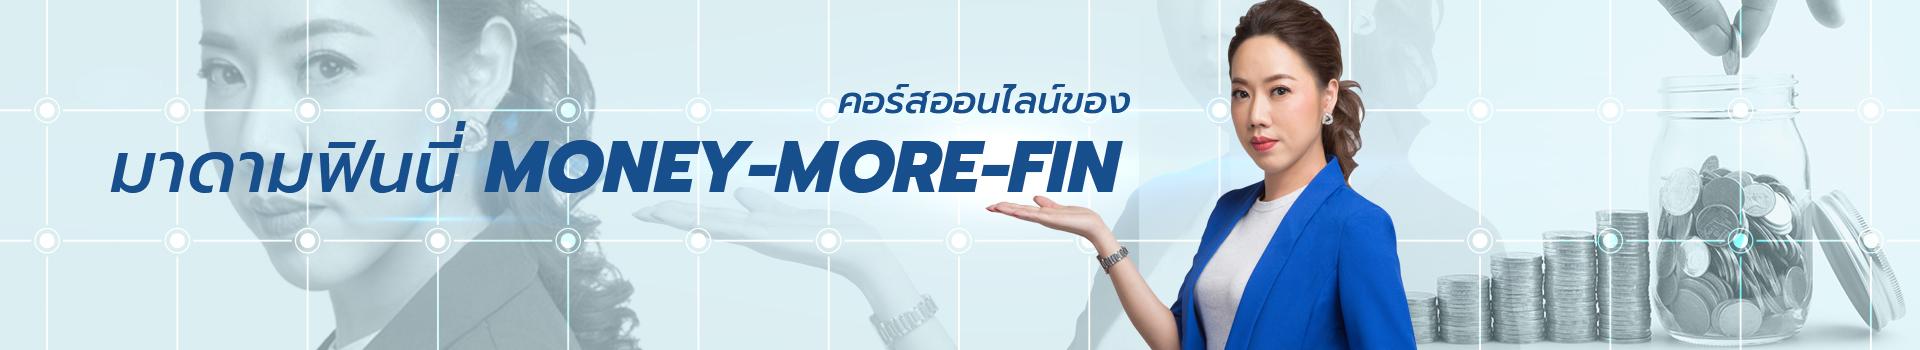 มาดามฟินนี่ money-more-fin cover photo